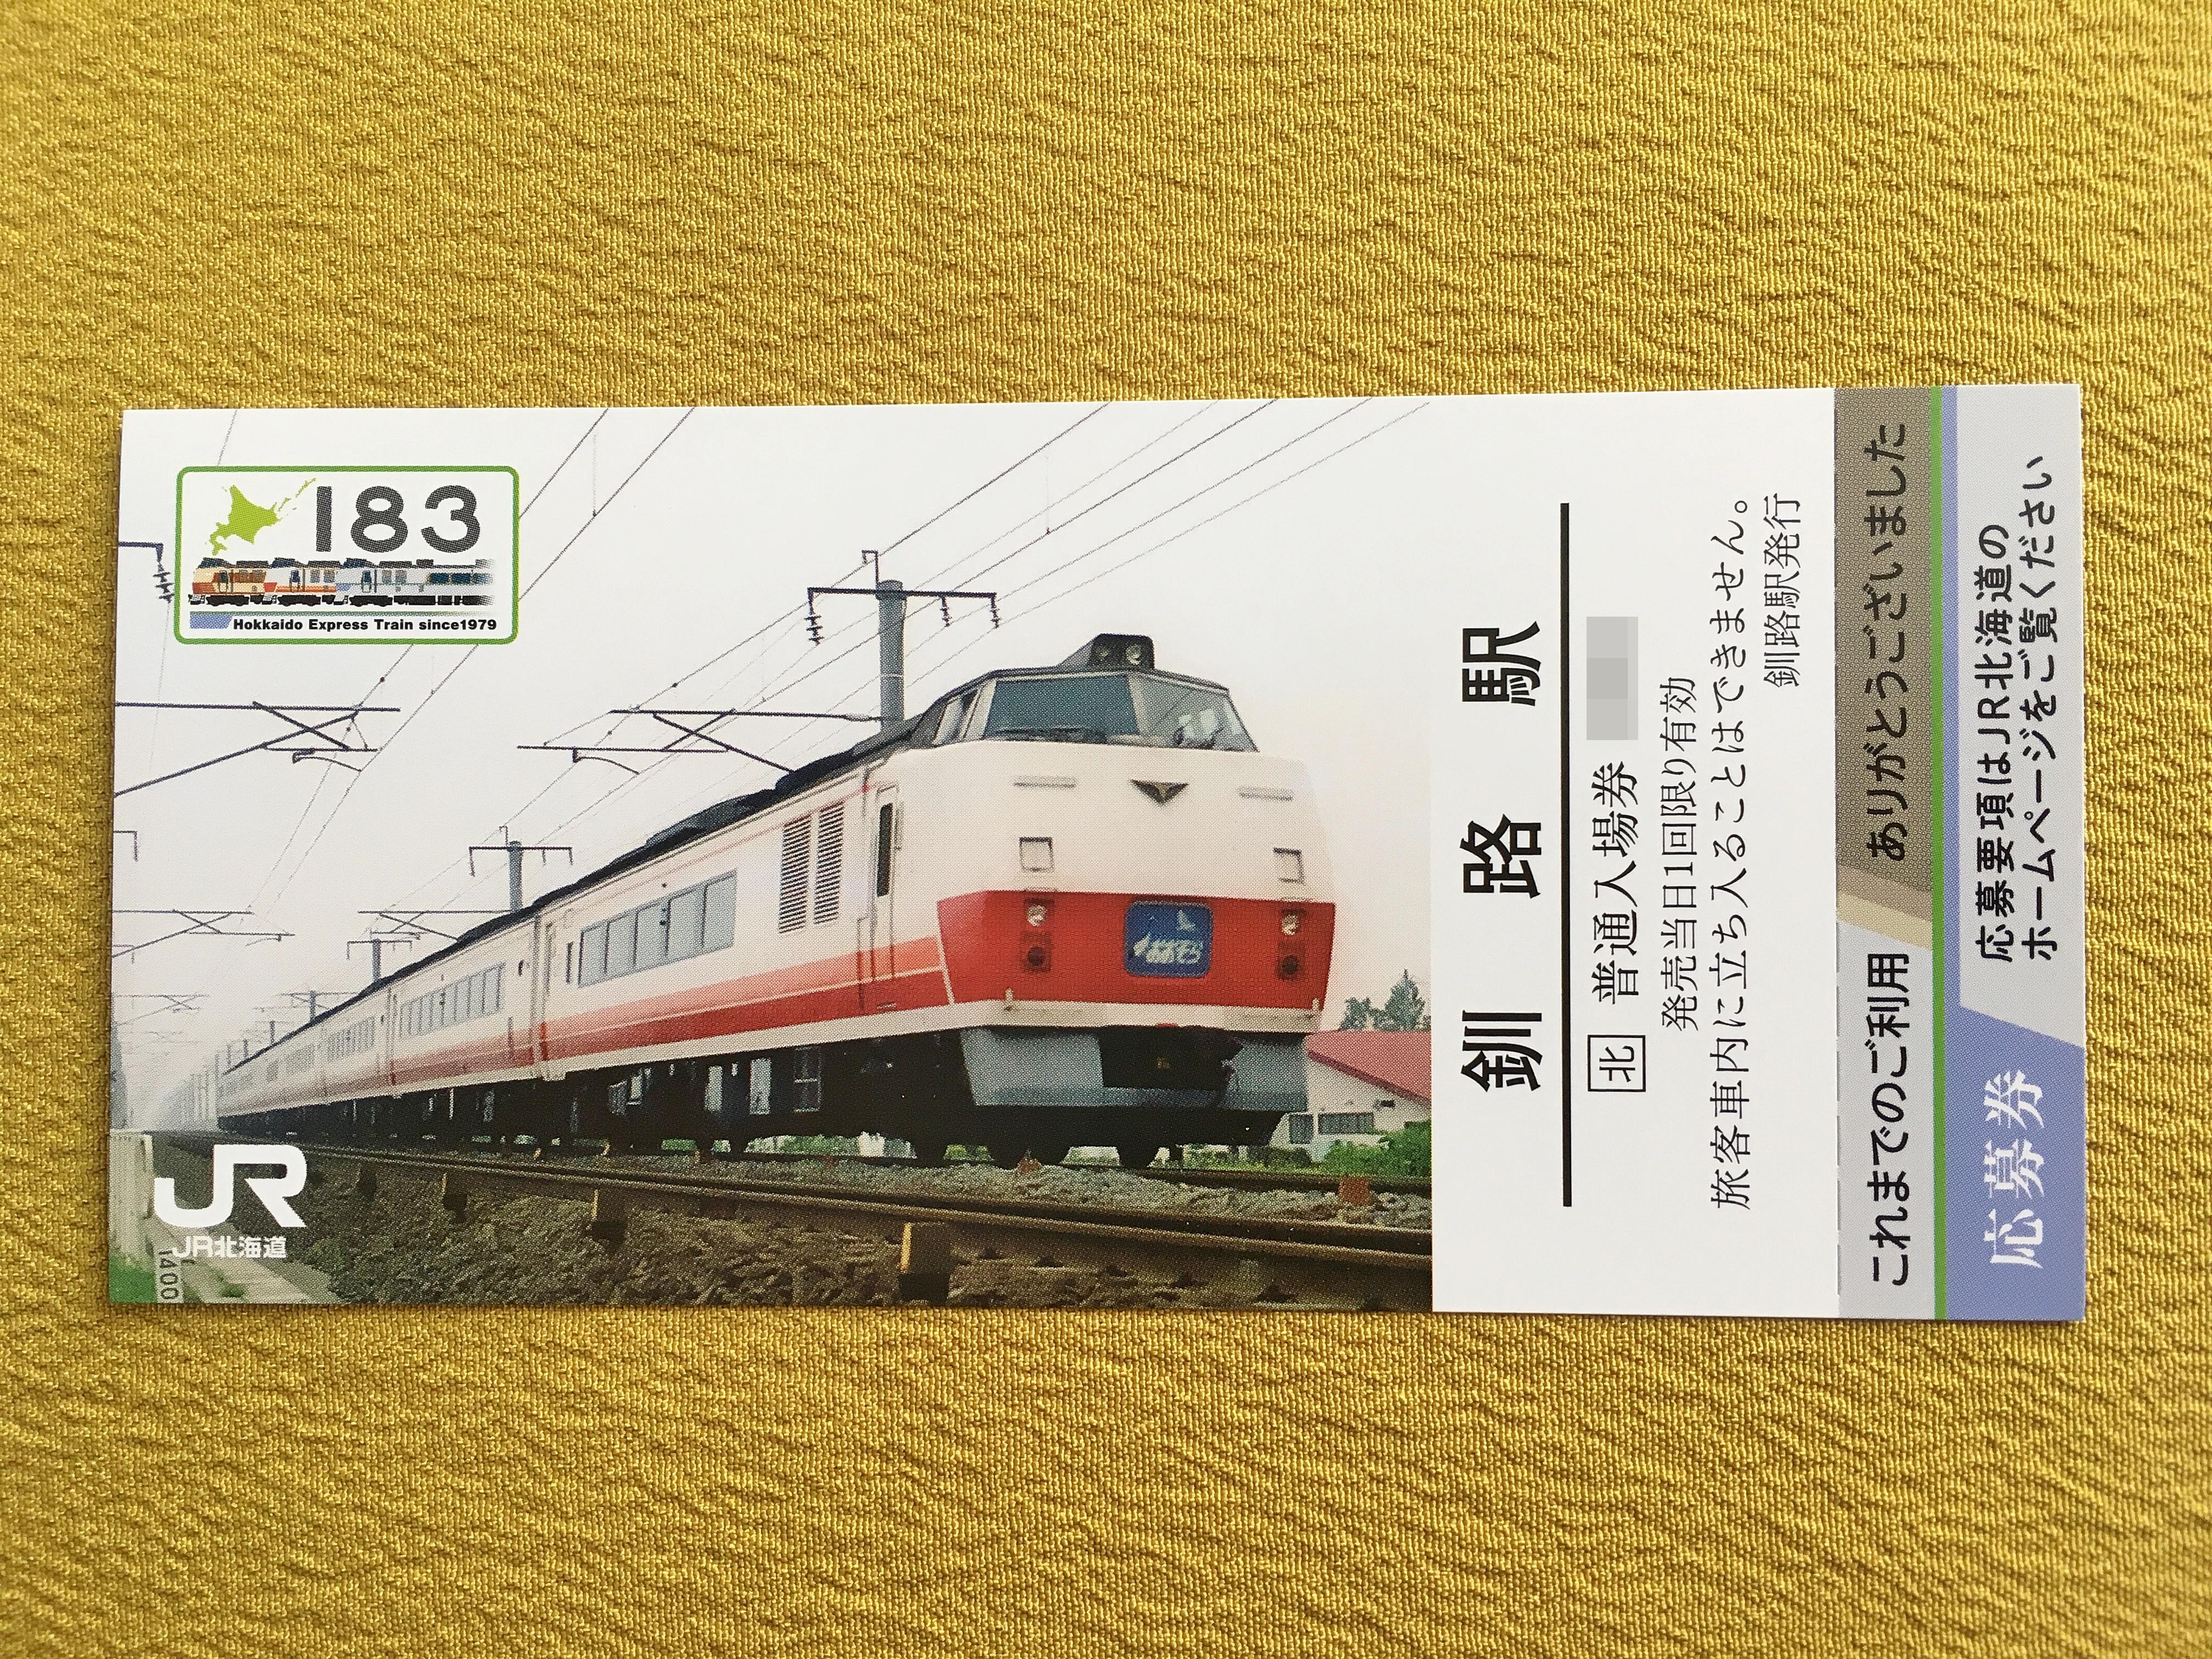 キハ183-0系記念入場券 釧路駅表.JPG